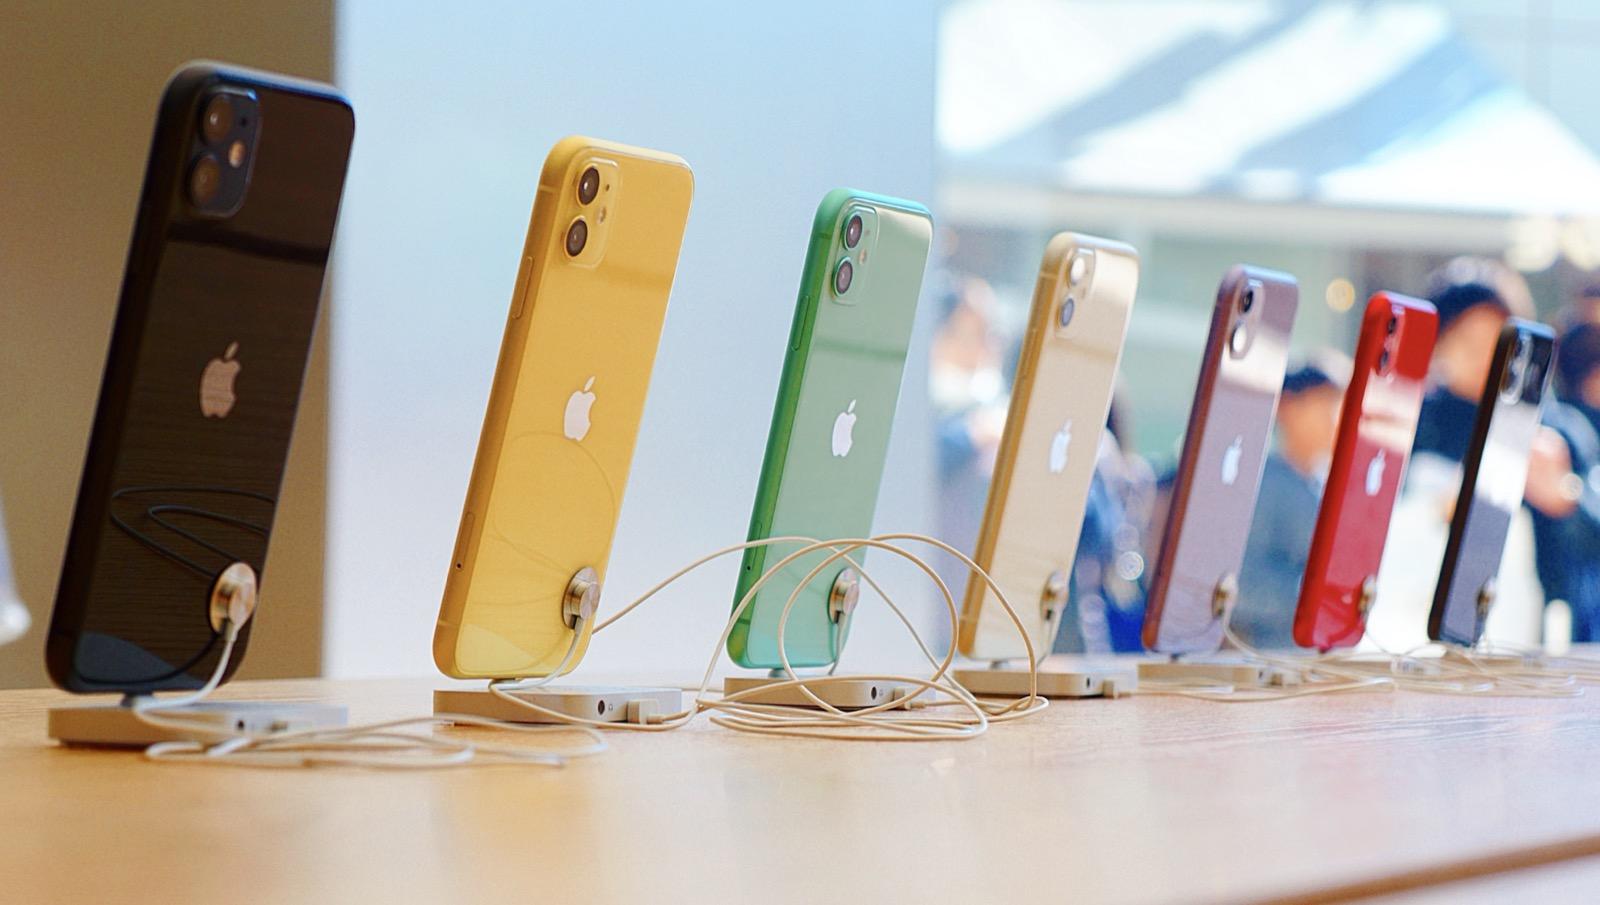 菅氏、携帯料金の値下げない場合は電波料の値上げ示唆。料金値上げでも税収増と発言